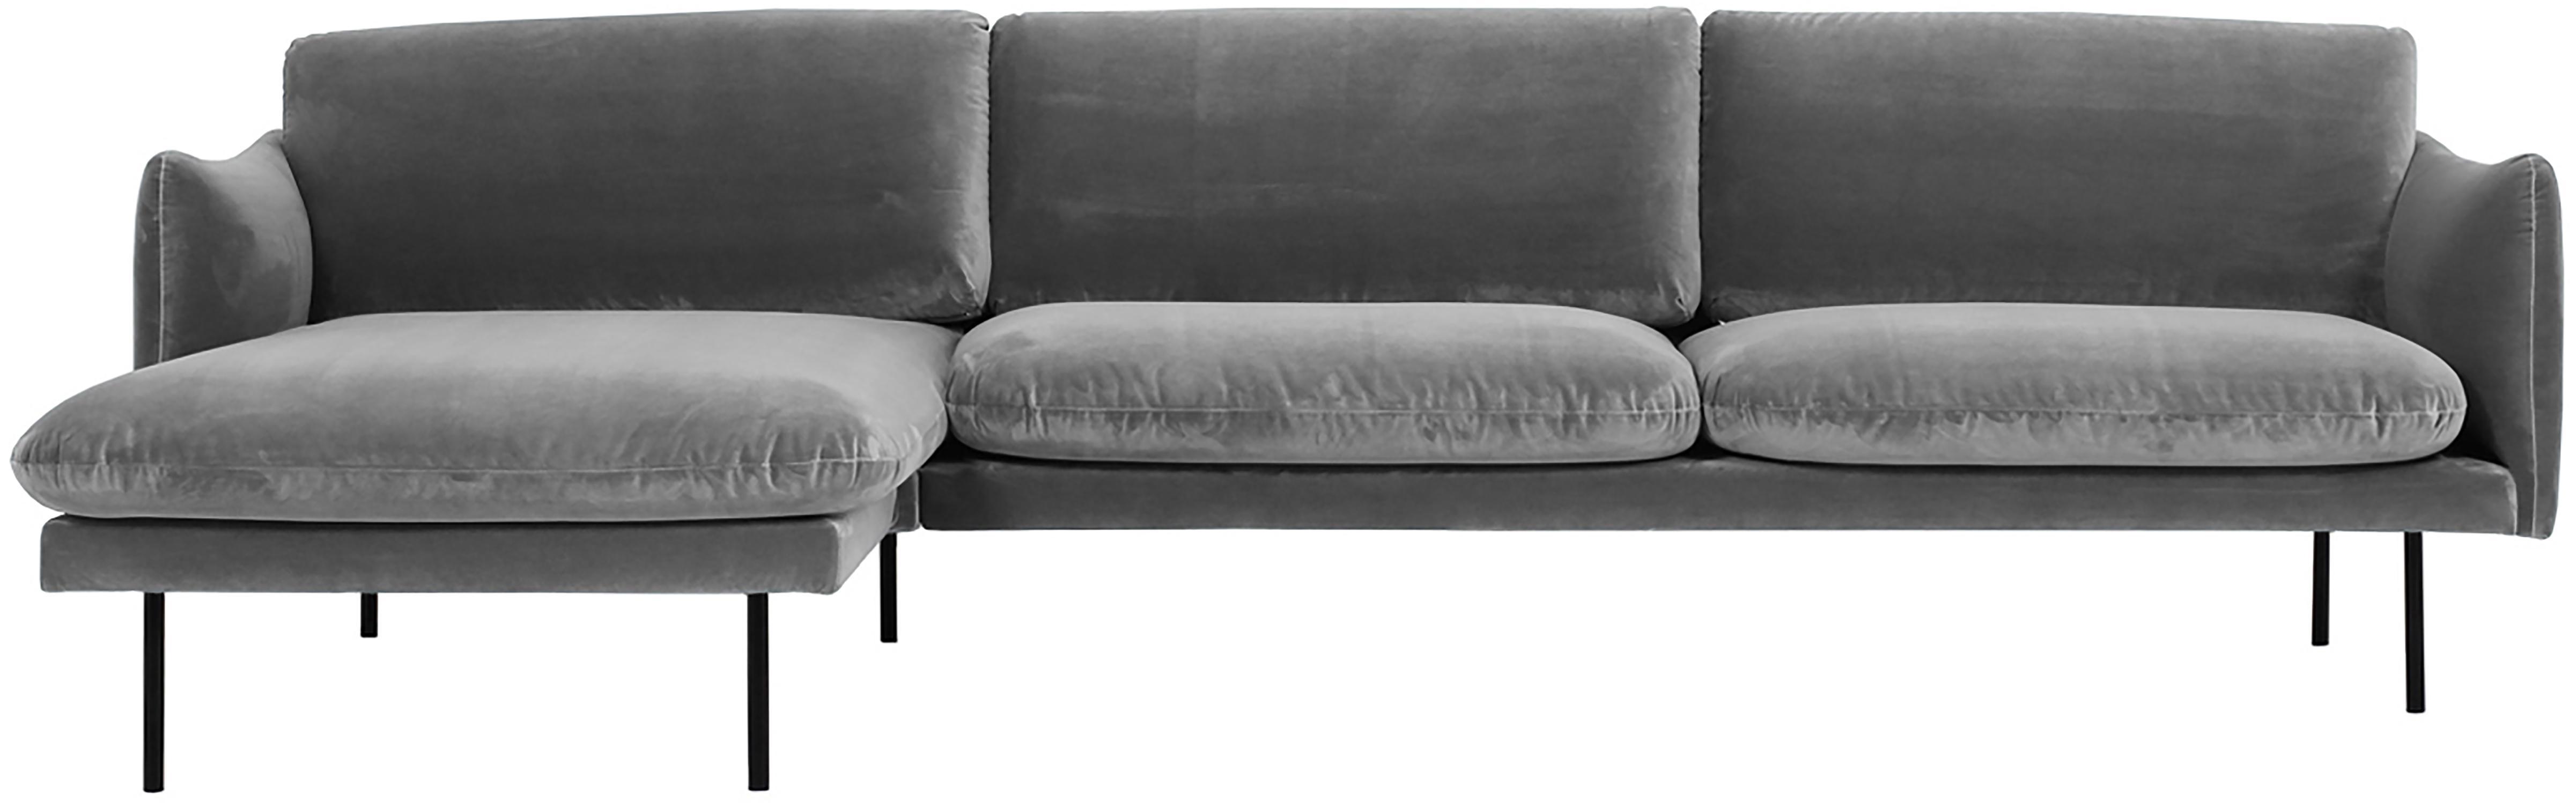 Sofá rinconero de terciopelo Moby, Tapizado: terciopelo (poliéster de , Estructura: madera de pino maciza, Patas: metal con pintura en polv, Gris, An 280 x F 160 cm